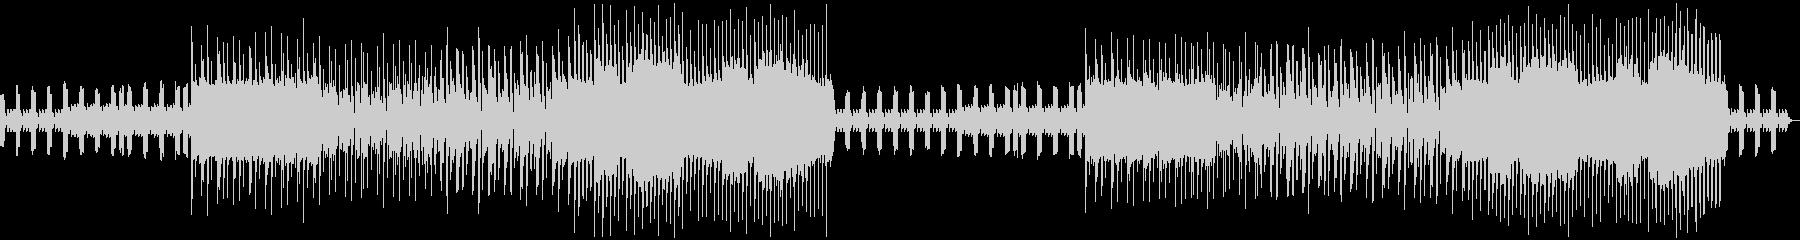 耳に残るピコピコ音のゲーム向きのBGMの未再生の波形